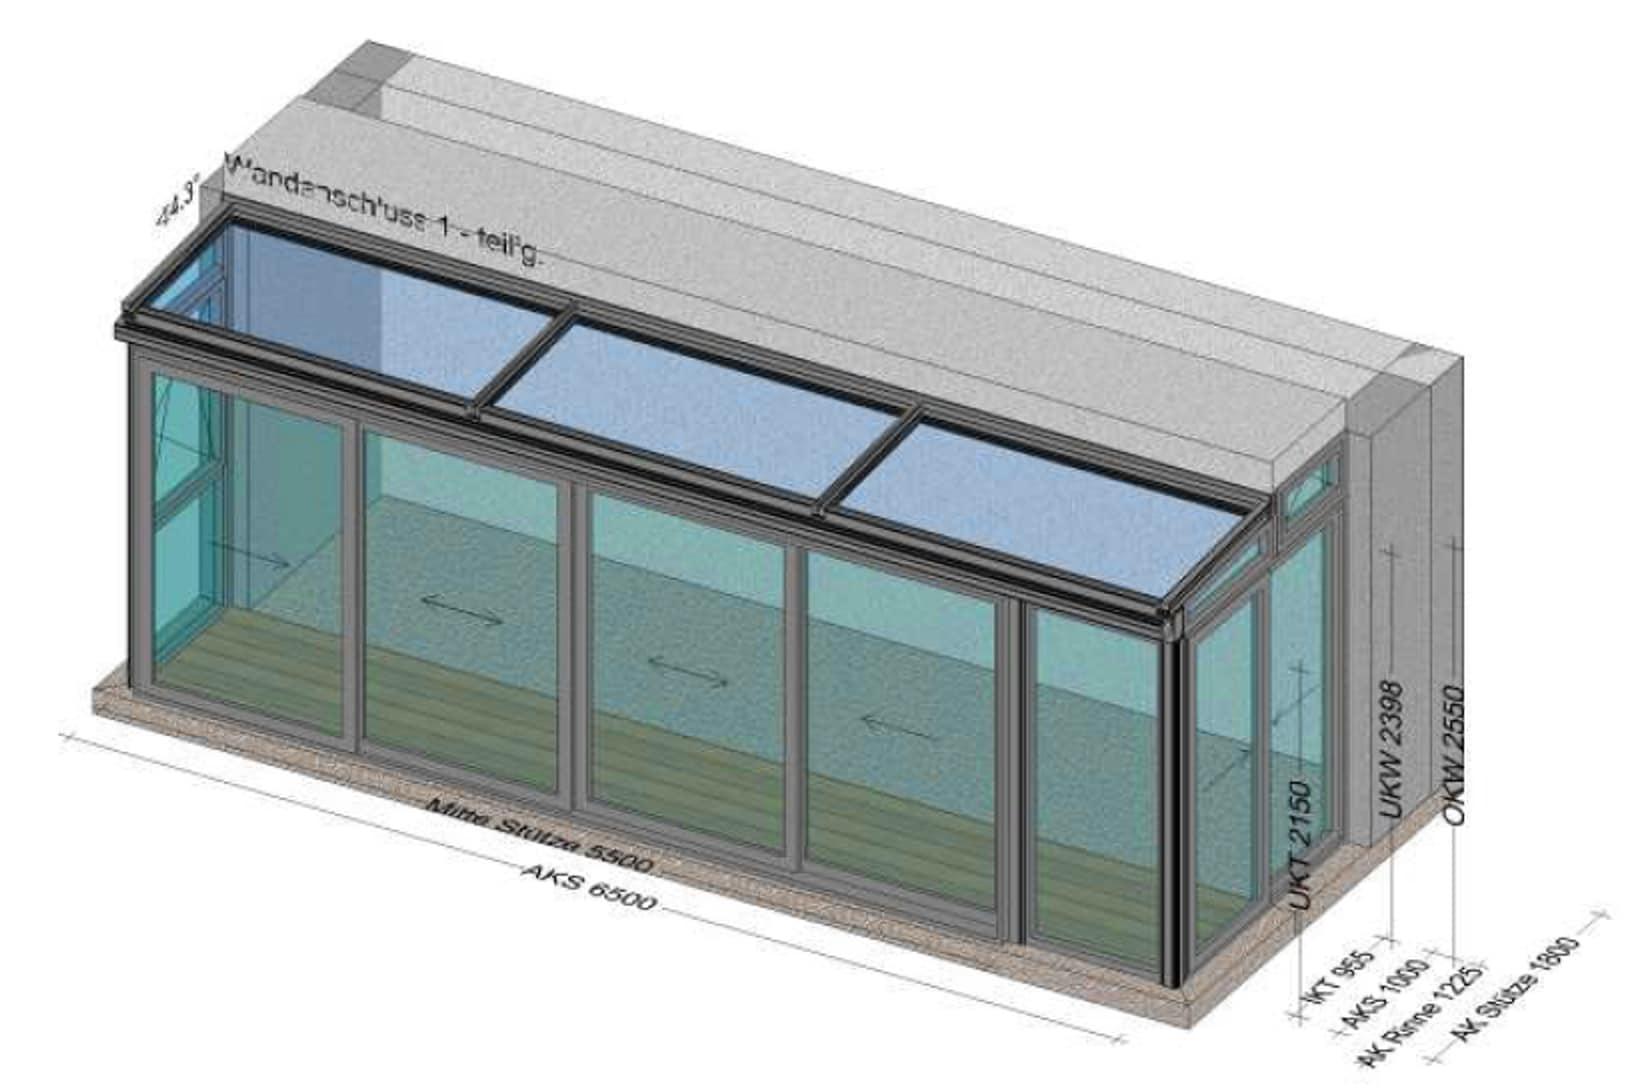 Wintergarten über 6 Meter mit kleinem Glasdach